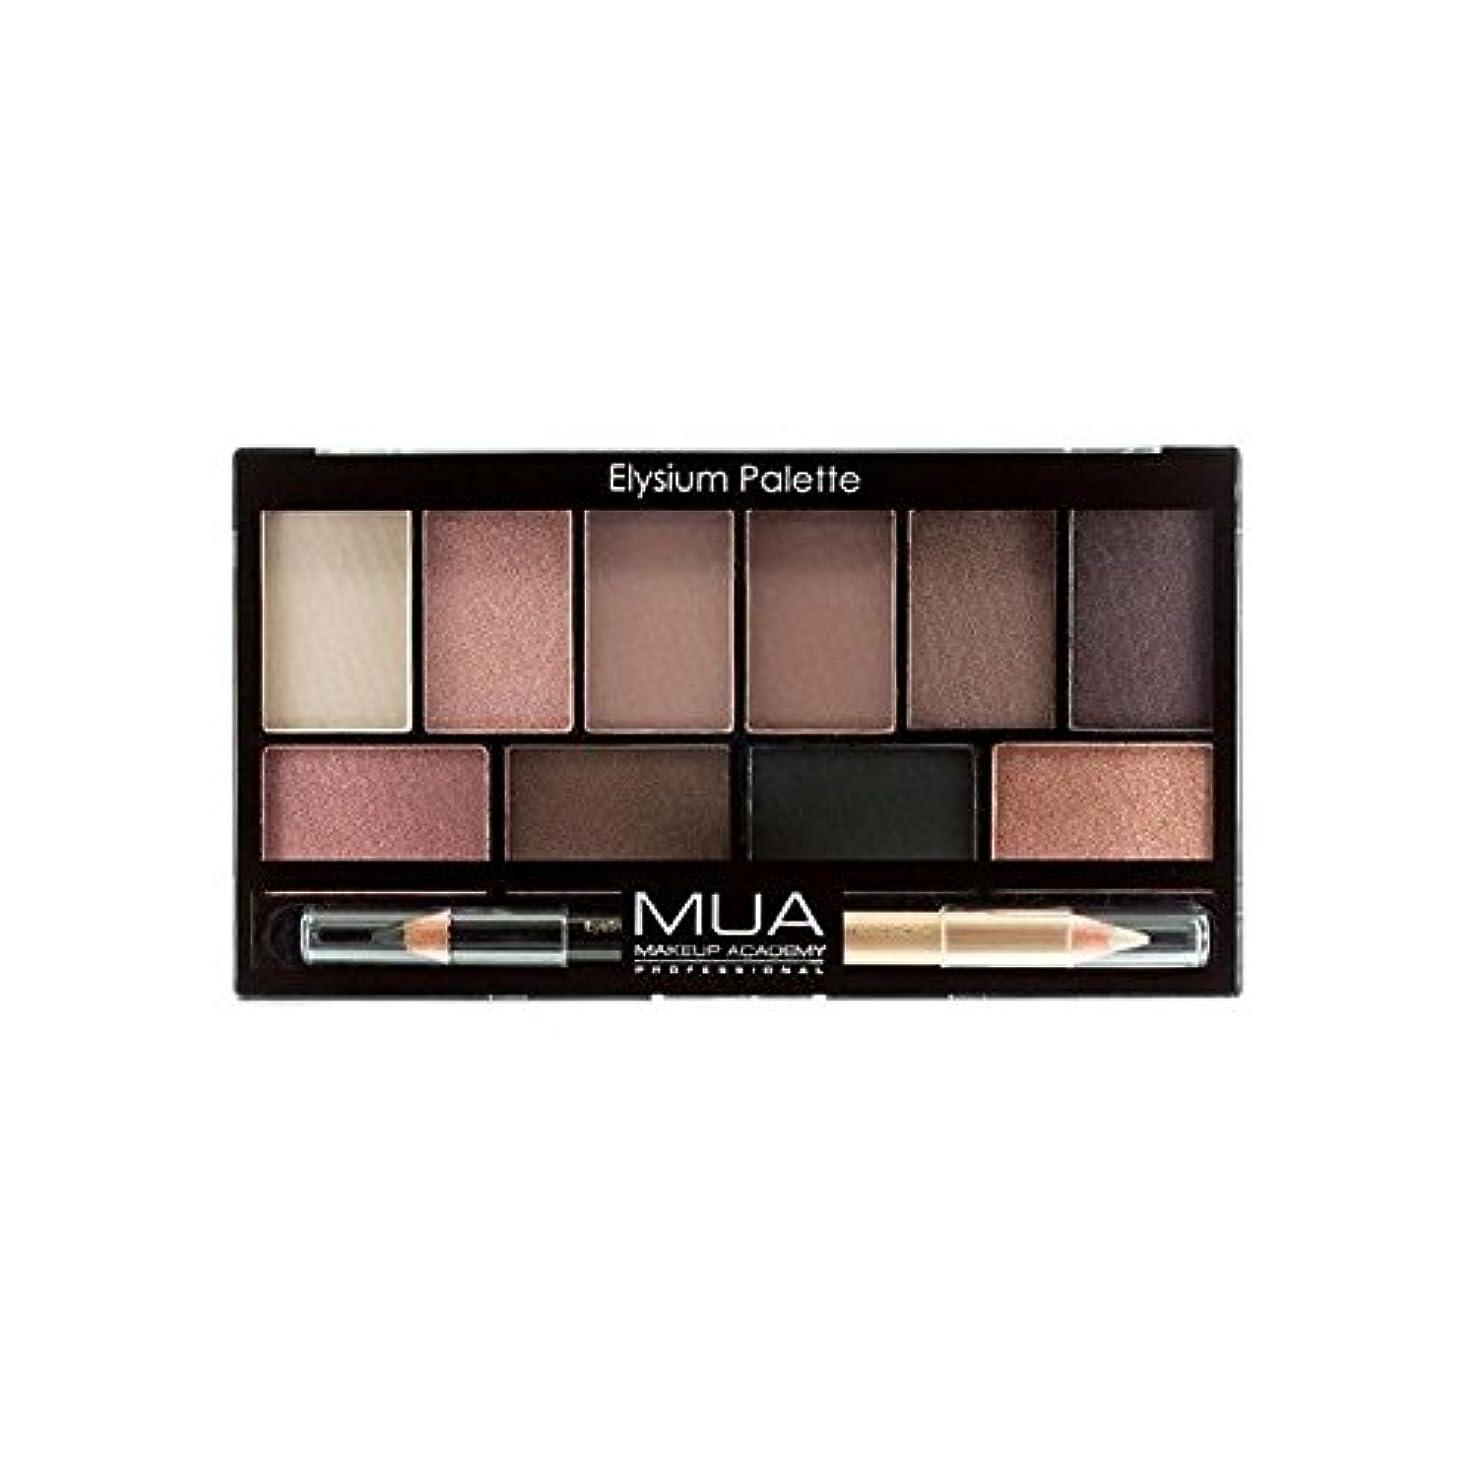 波引き渡すラジカルMUA Eyeshadow Palette - Elysium (Pack of 6) - のアイシャドウパレット - エリュシオン x6 [並行輸入品]